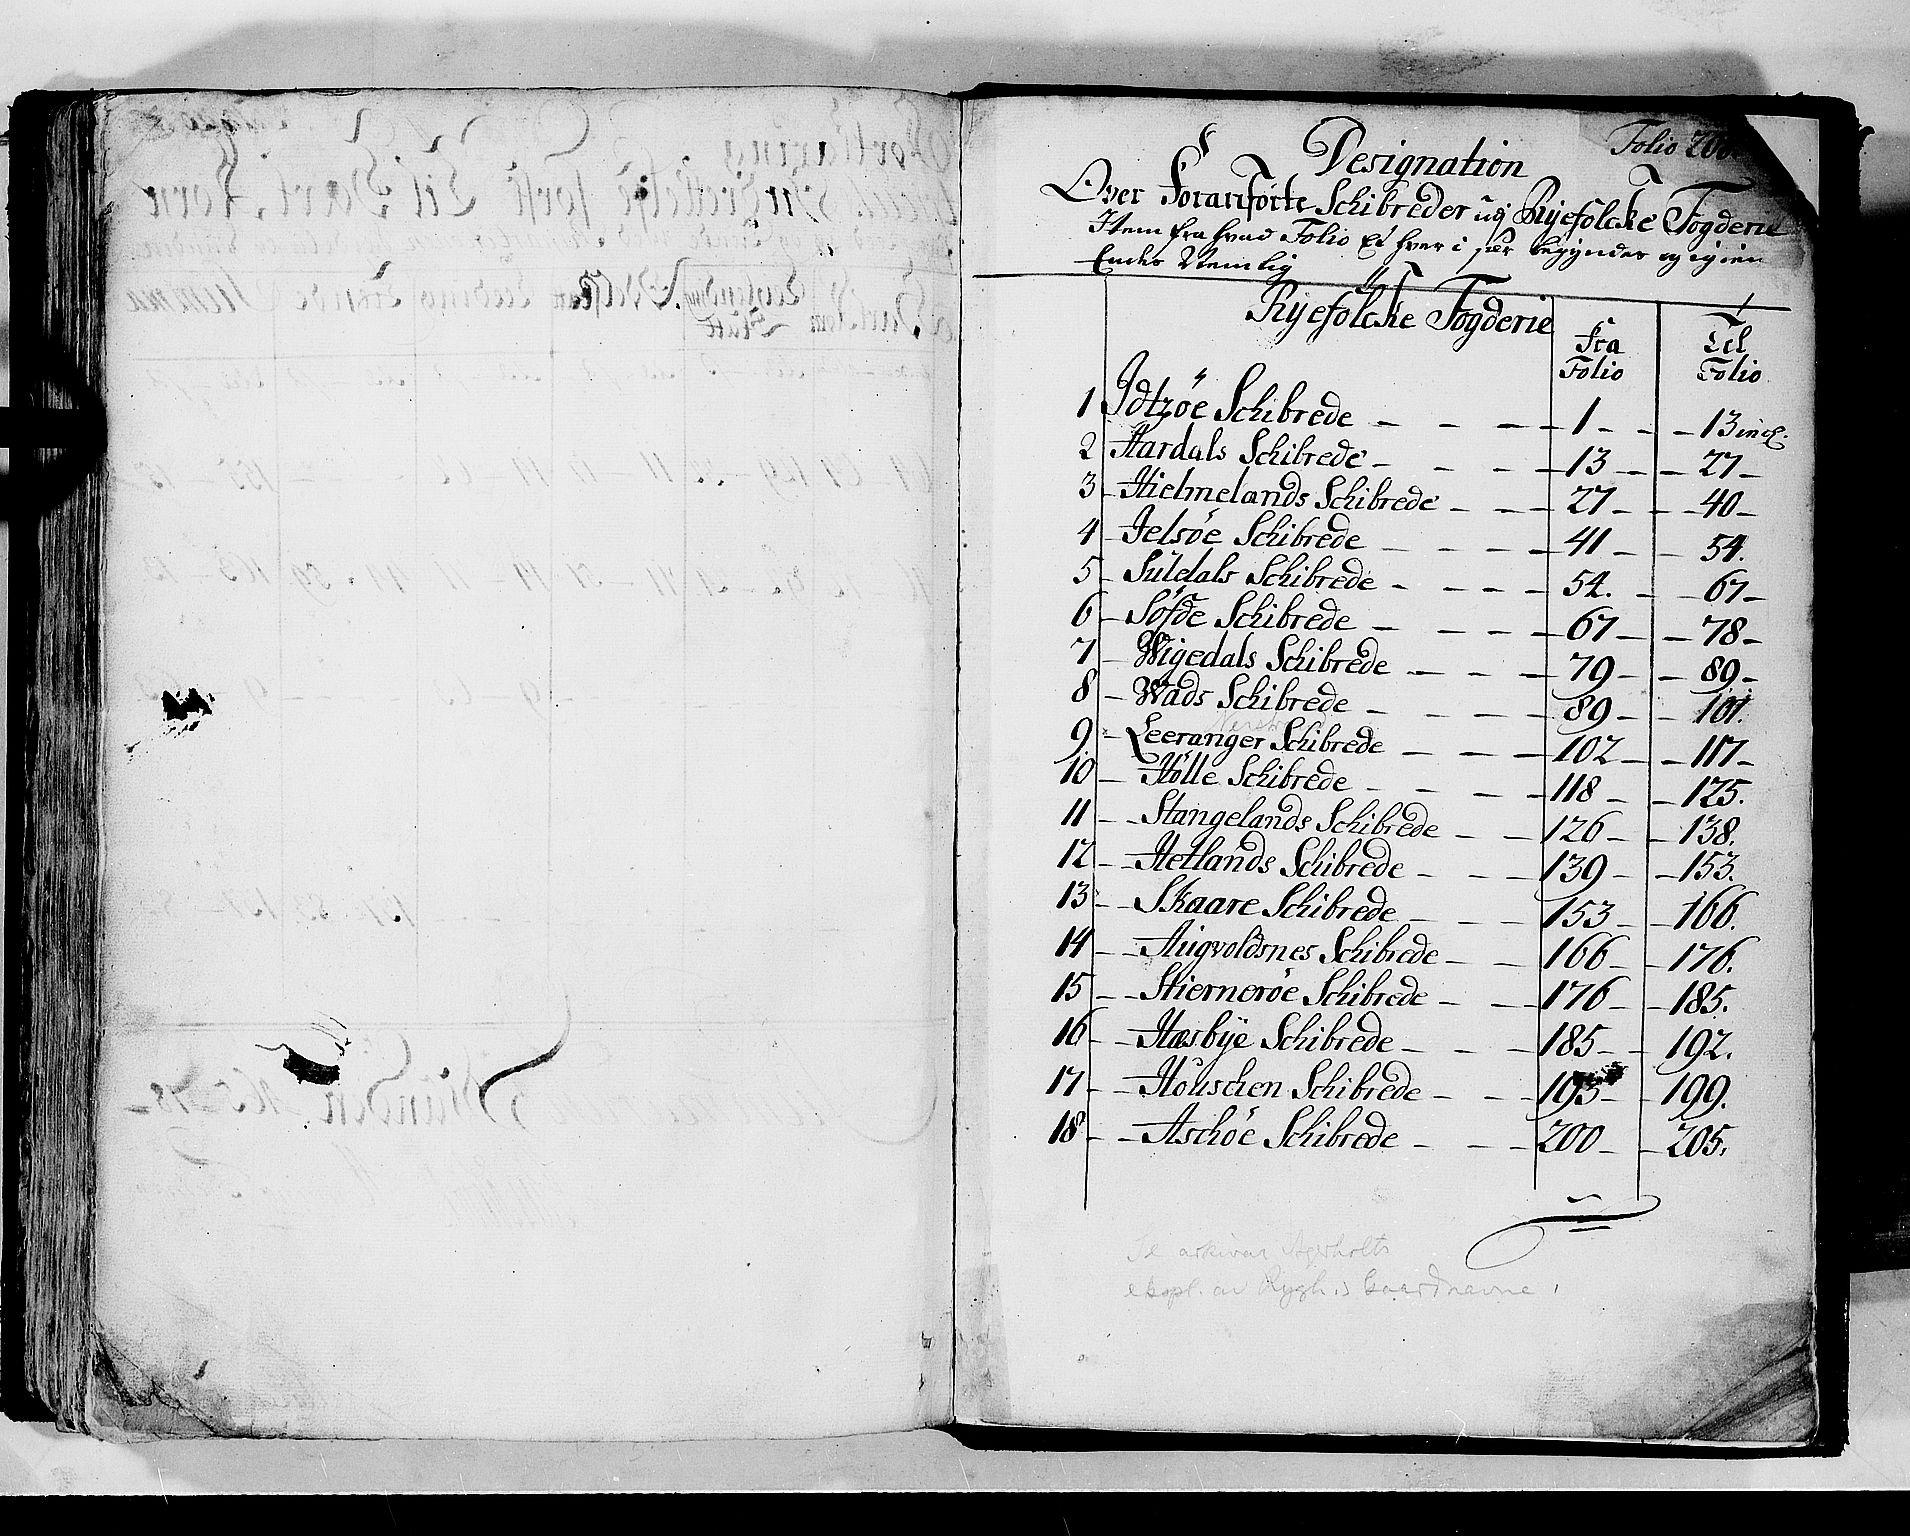 RA, Rentekammeret inntil 1814, Realistisk ordnet avdeling, N/Nb/Nbf/L0133b: Ryfylke matrikkelprotokoll, 1723, s. 207b-208a